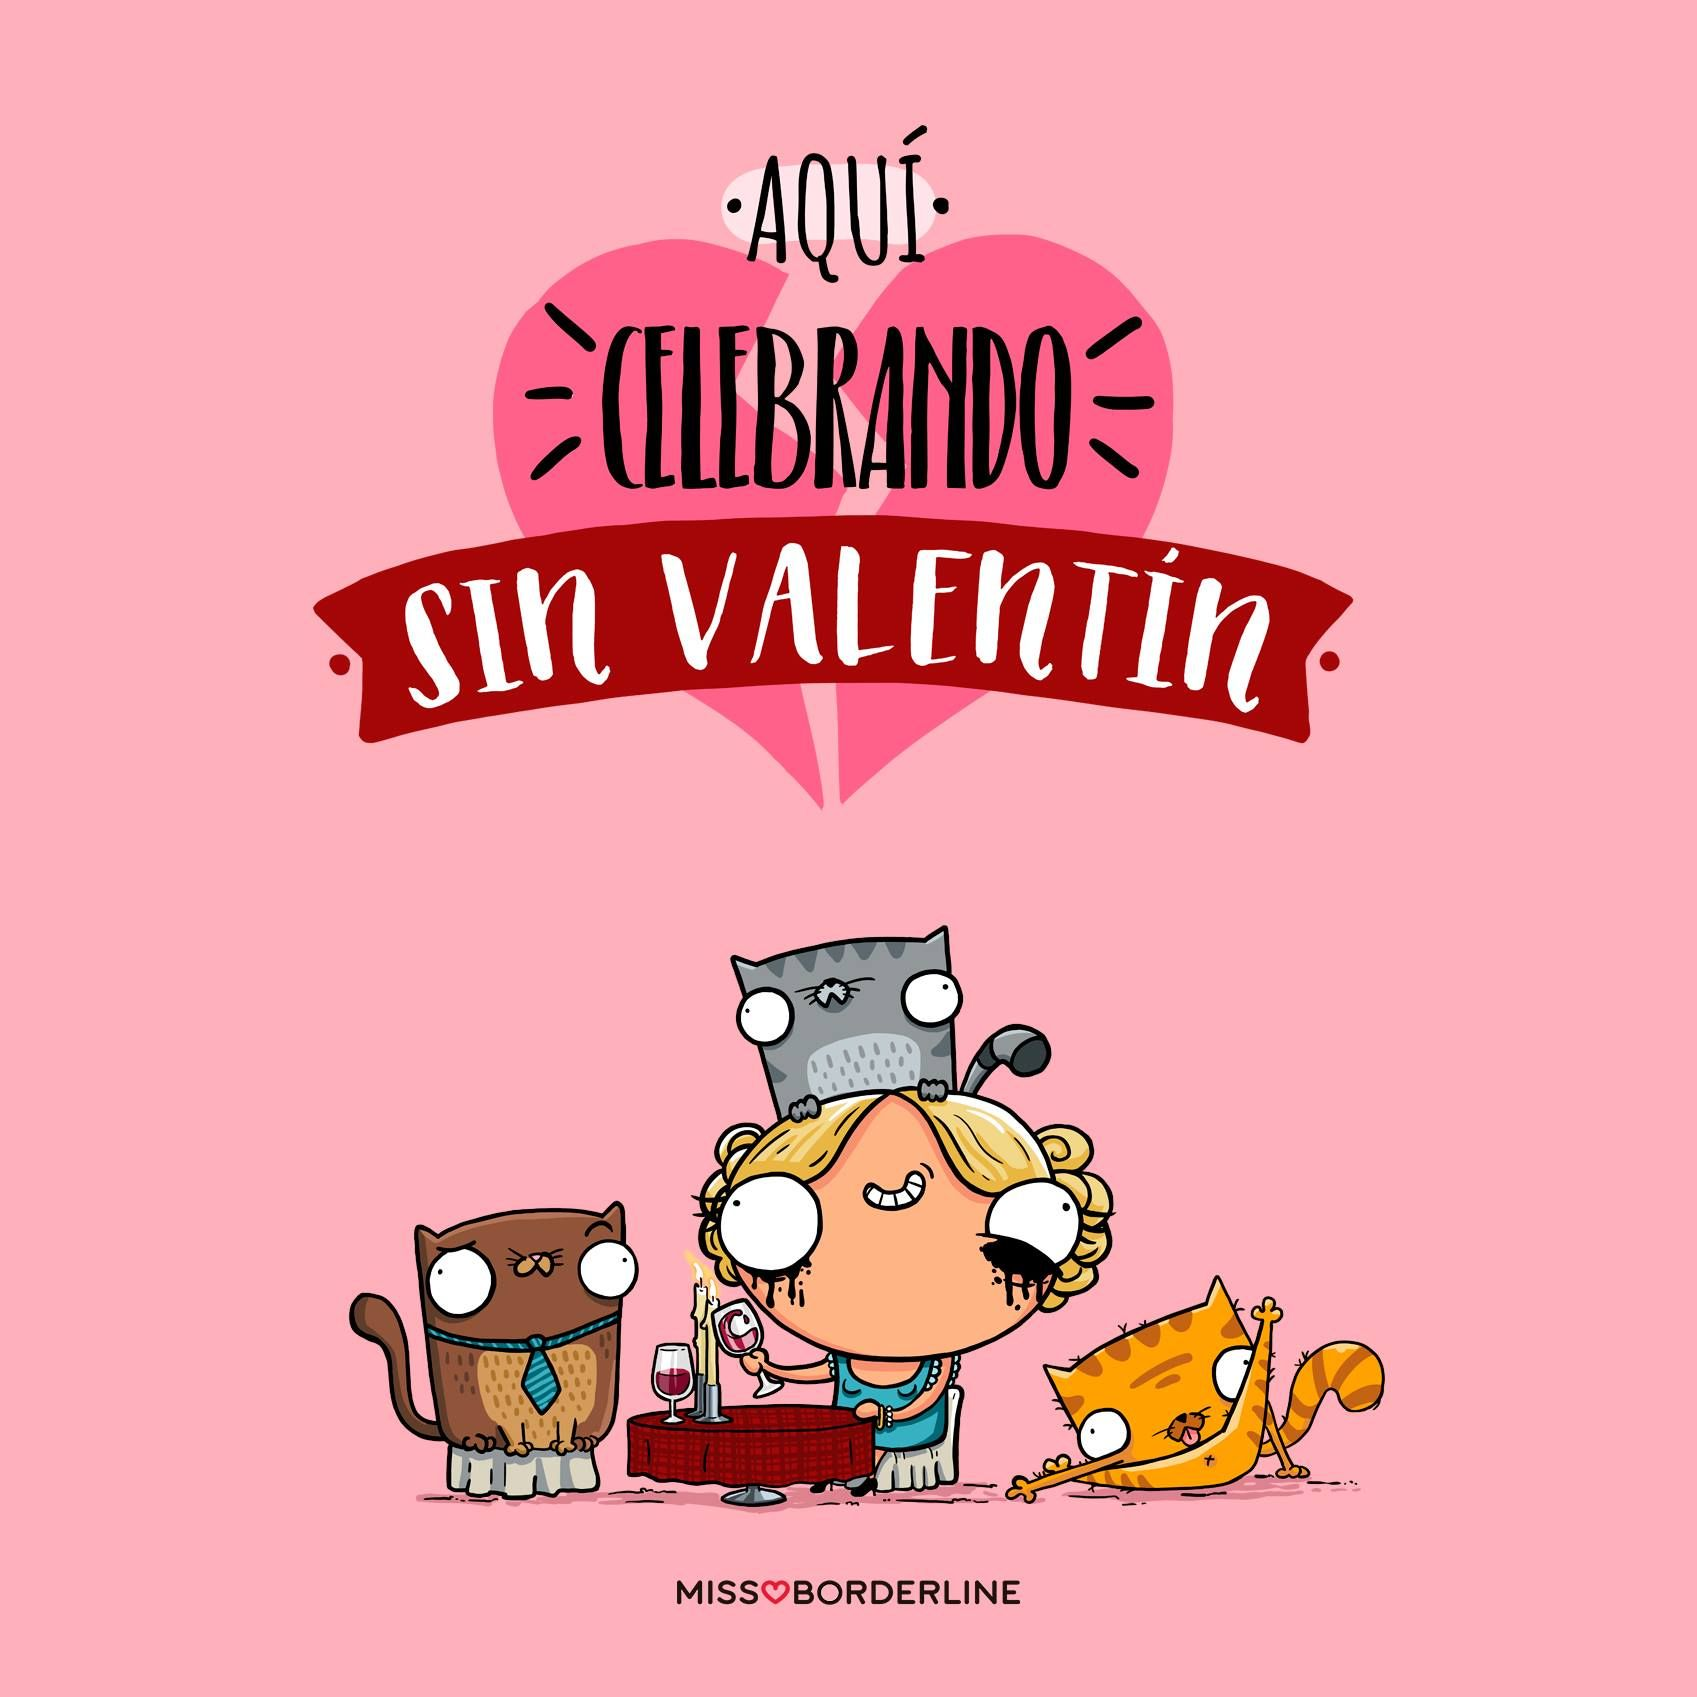 Aqui Celebrando Sin Valentin Sanvalentin Humor Graciosas